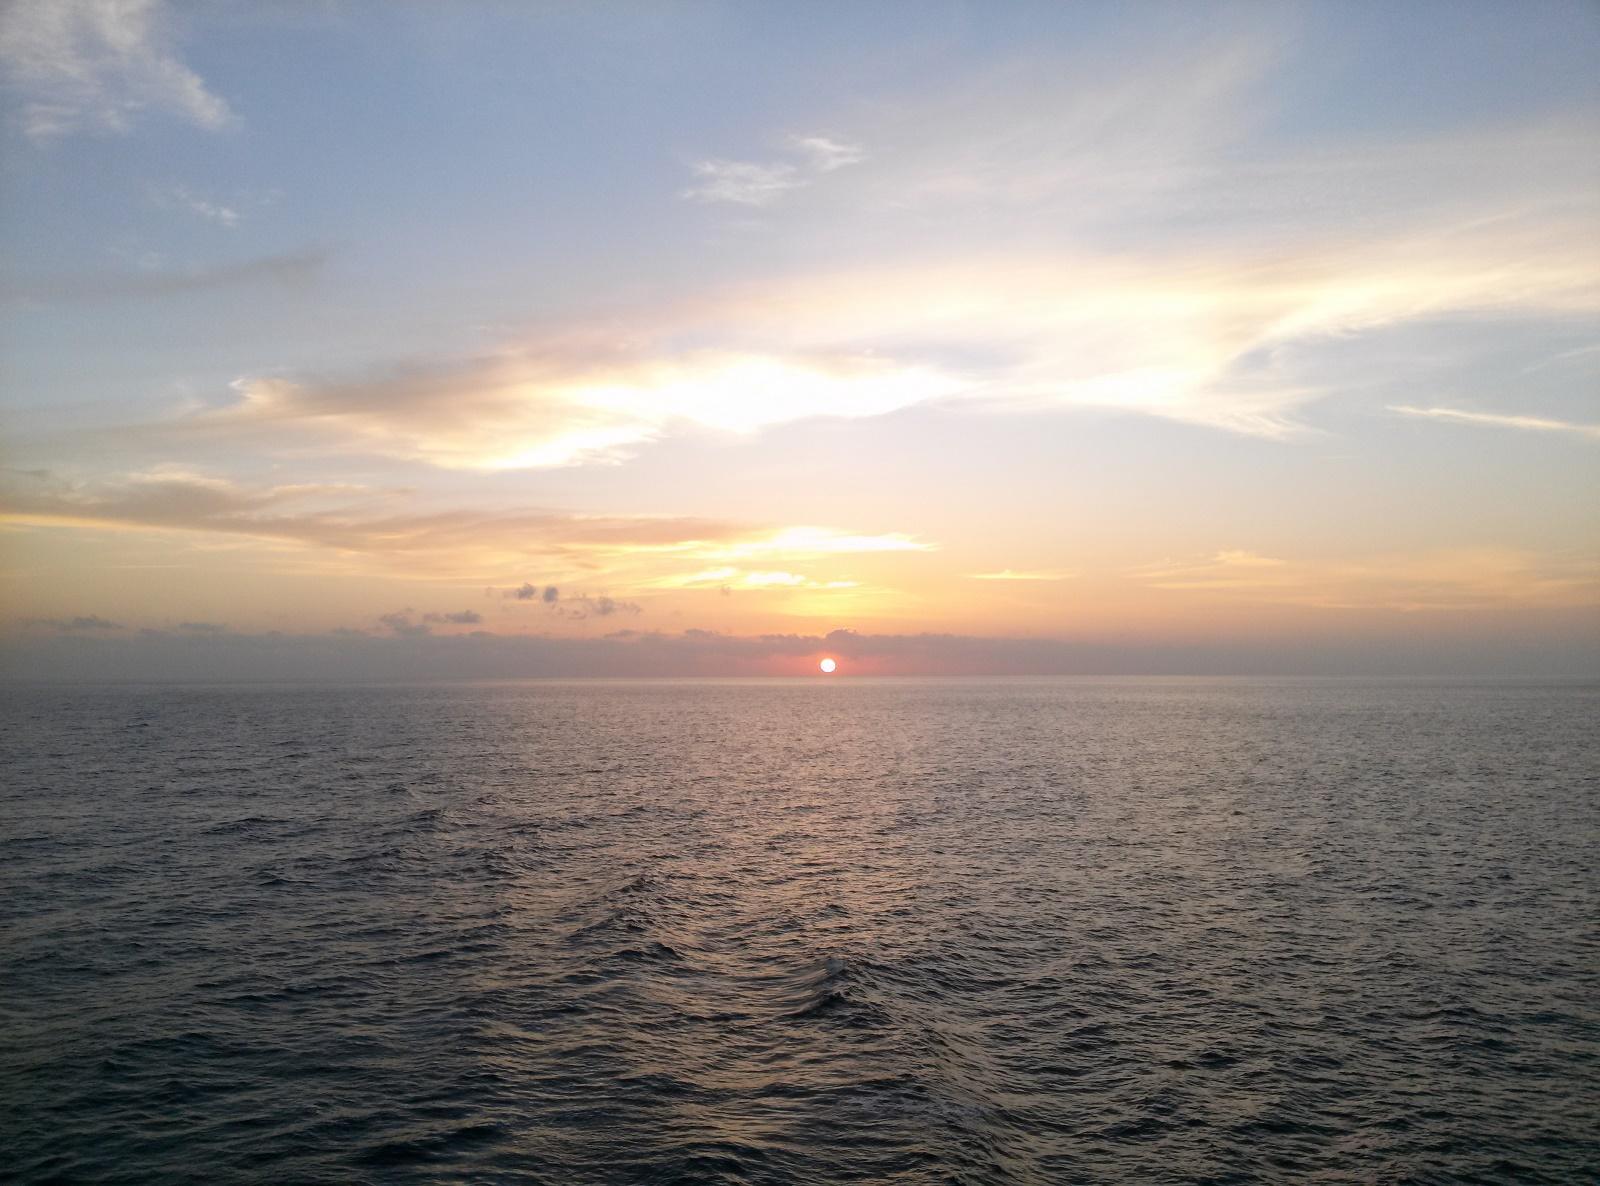 本船から撮影したフィリピン沖